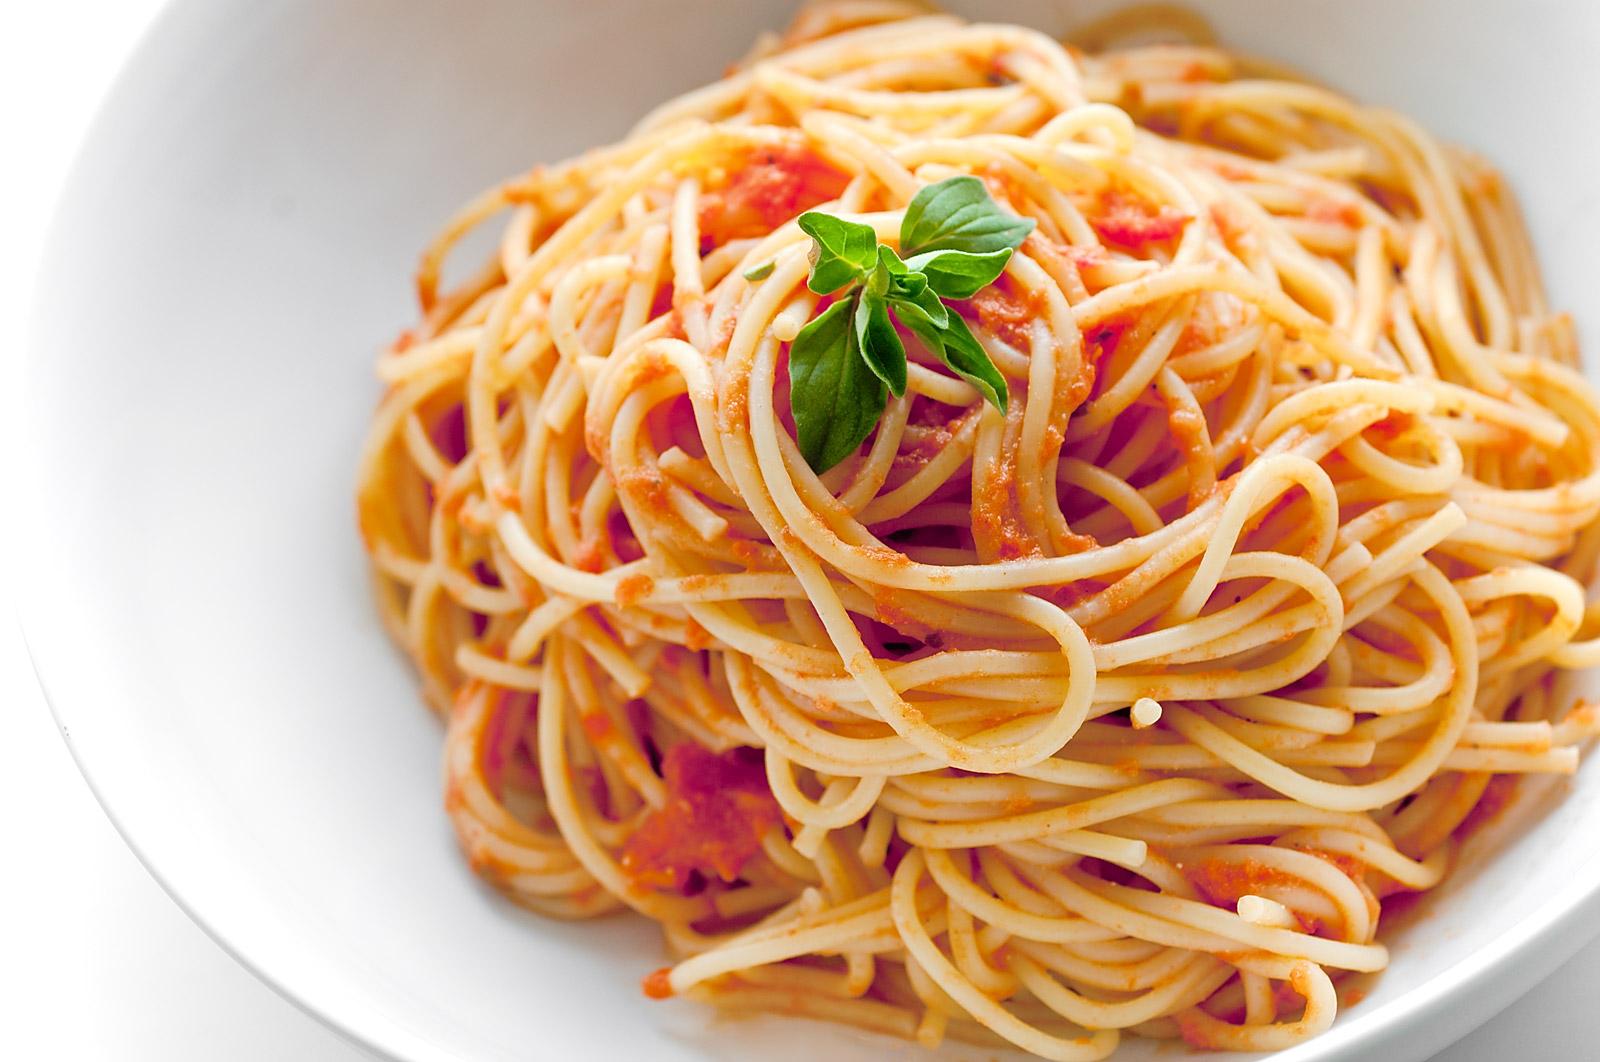 Diete – La pasta non ingrassa. Una ricerca demolisce un luogo comune. E gli spaghetti… - Radionorba